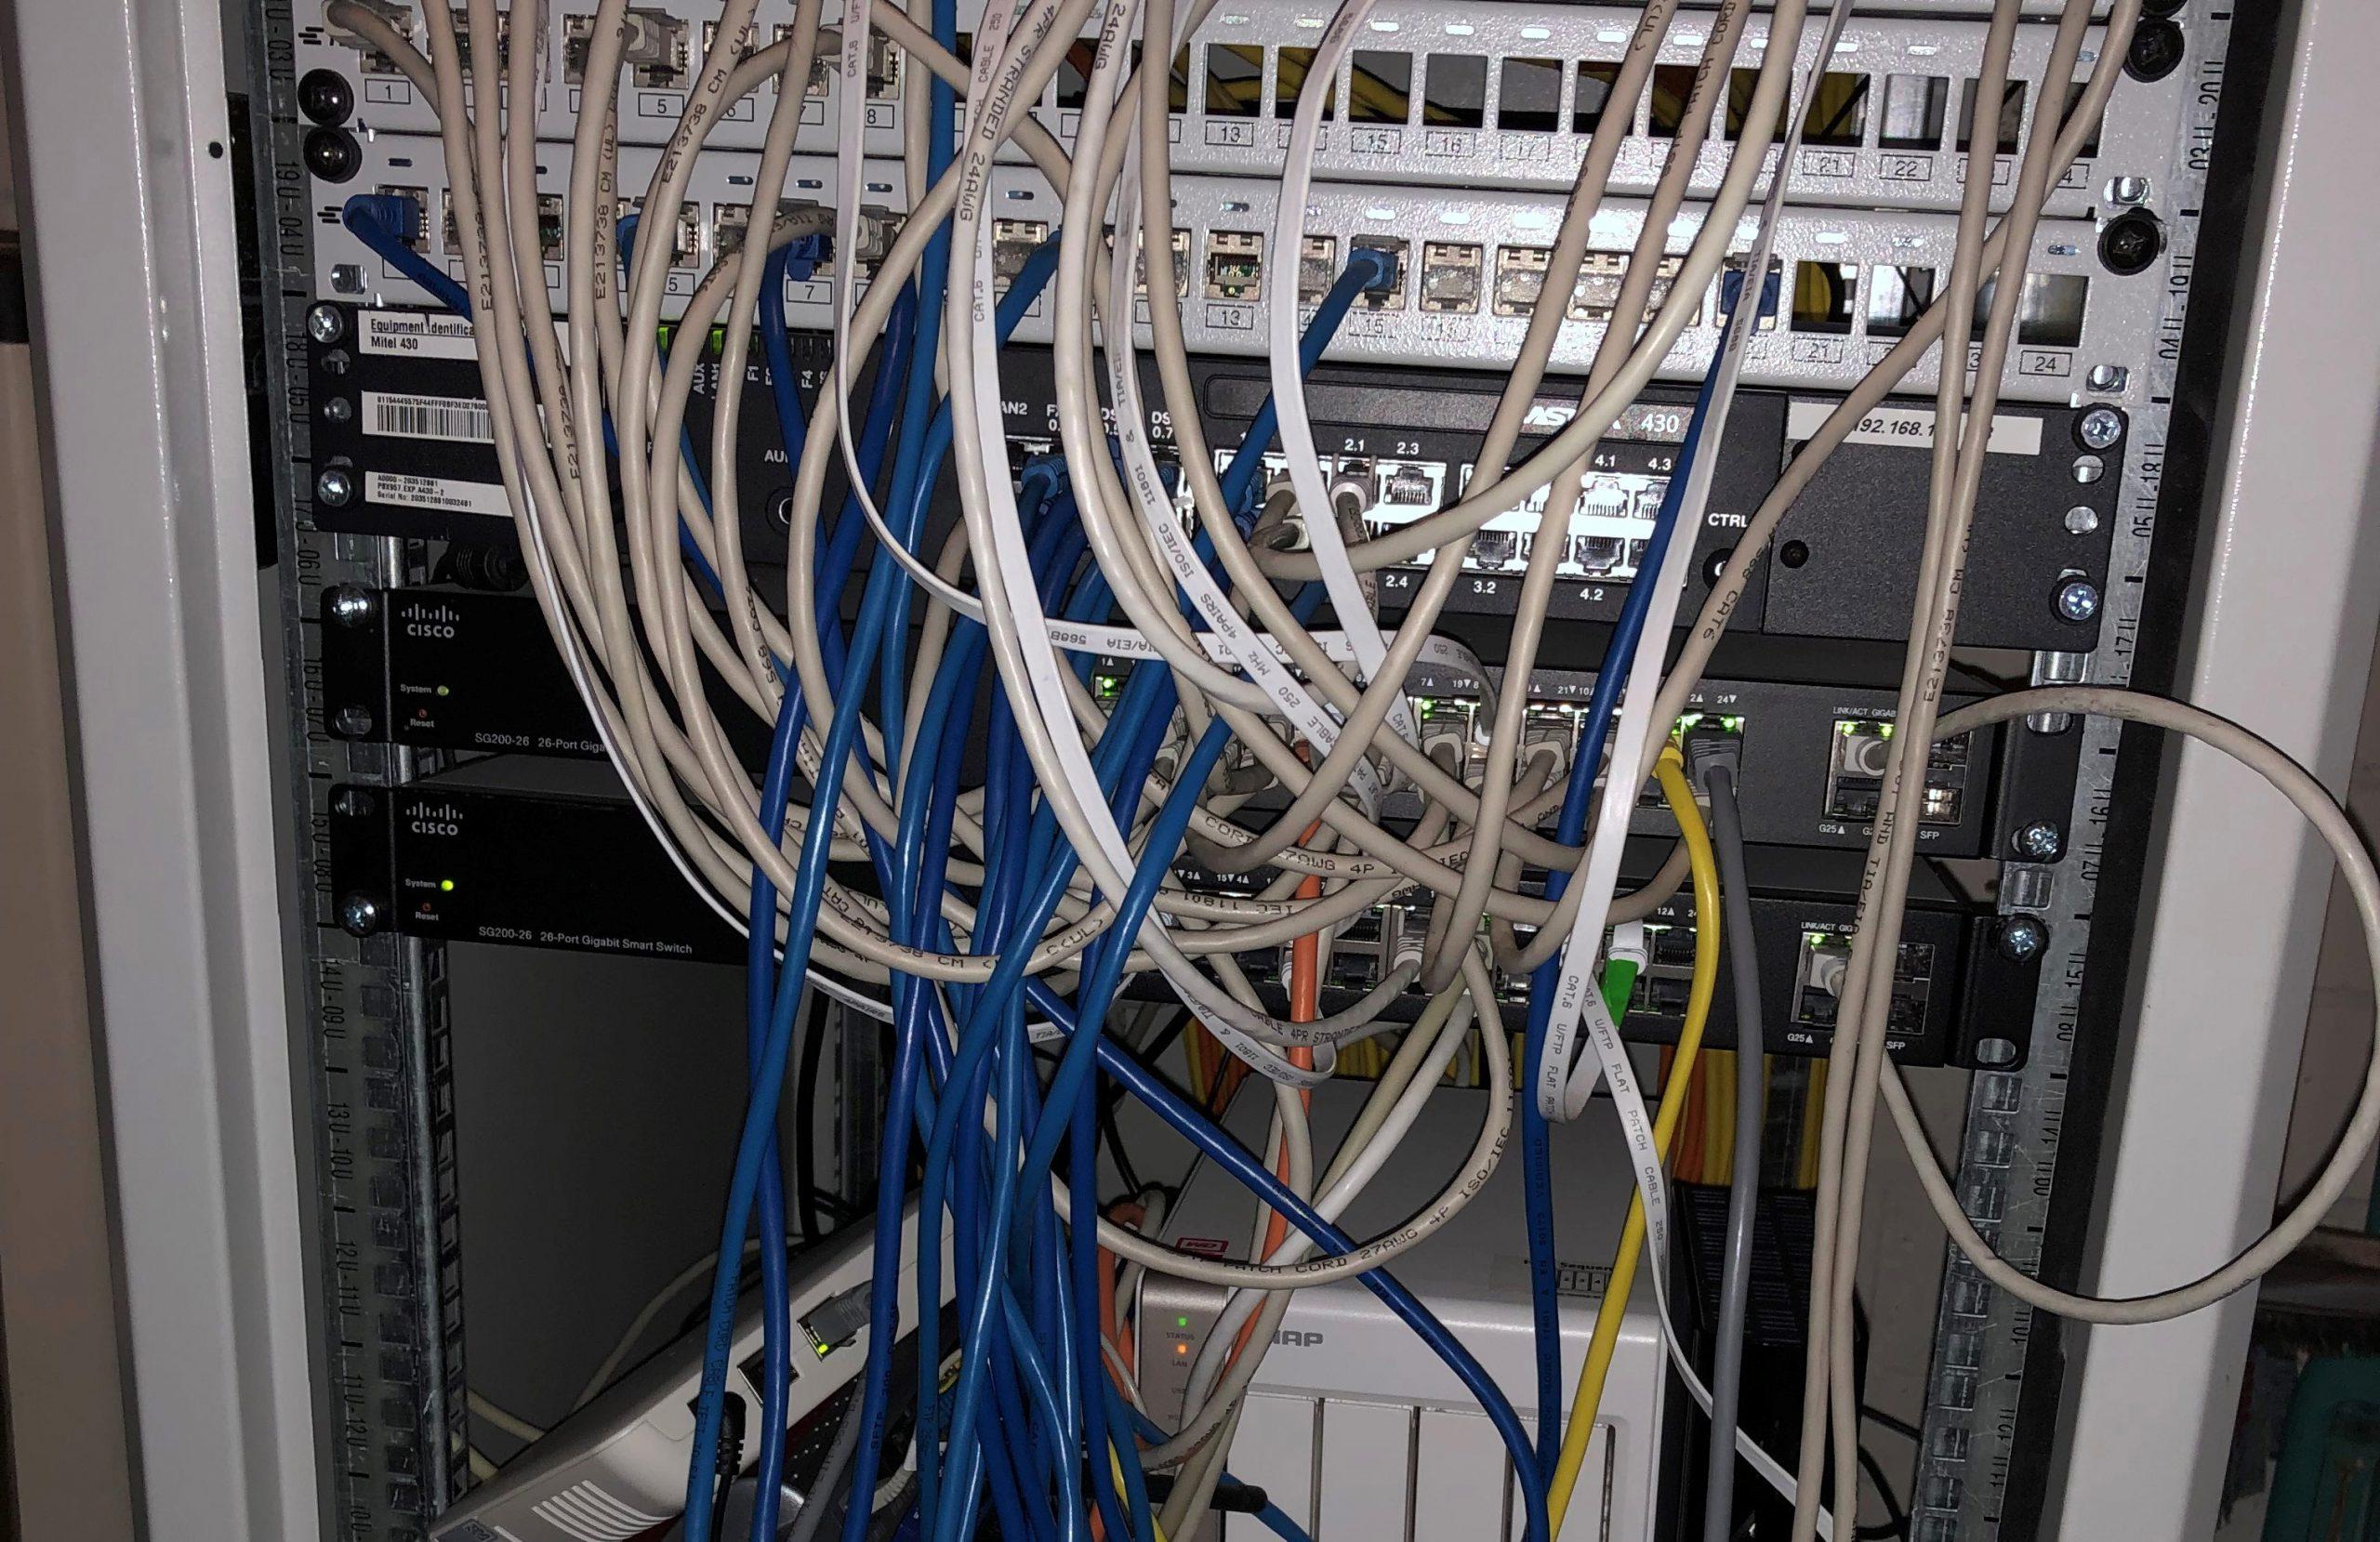 Serverschrank vorher Ausschnitt